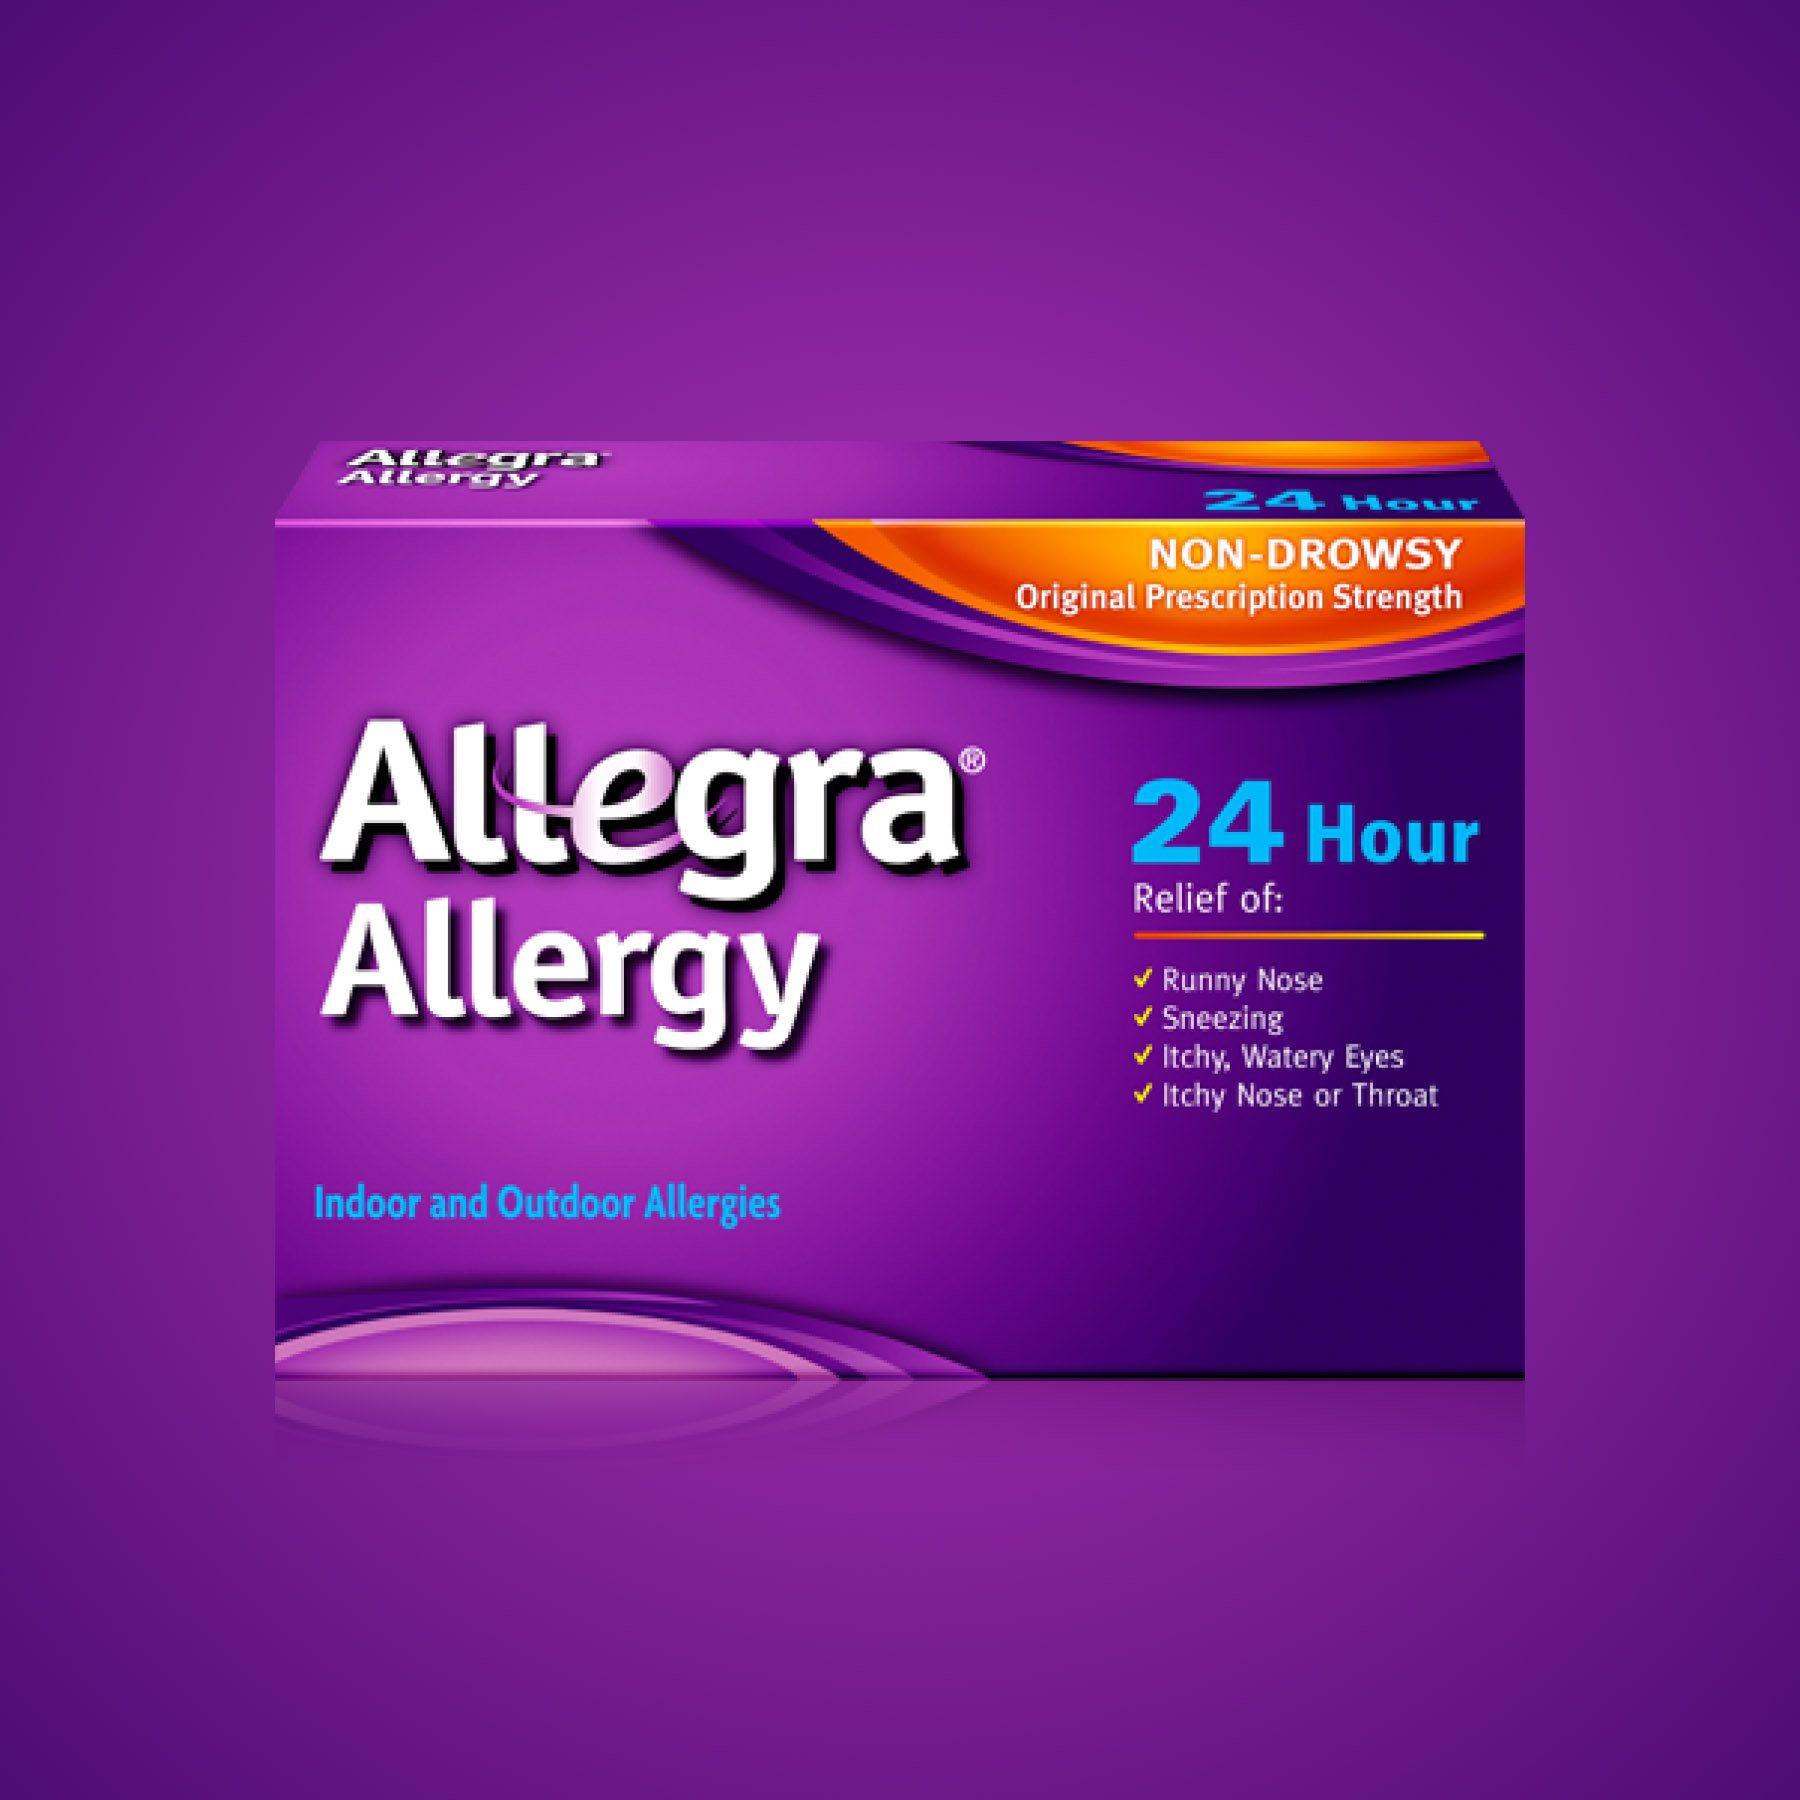 Allegra Allergy Packaging